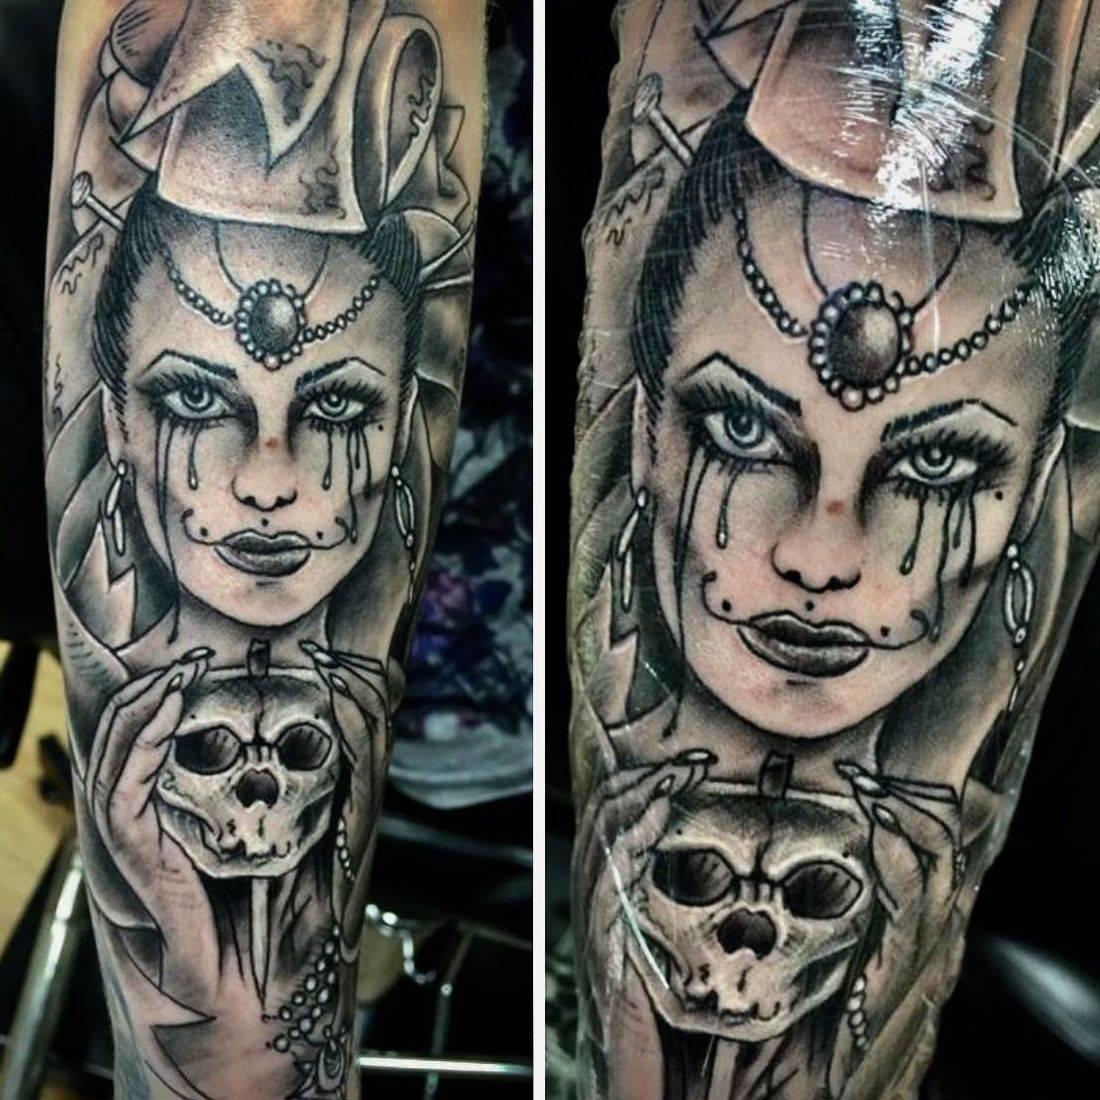 mcgoldtooth Tattoos Kazbah Leicester